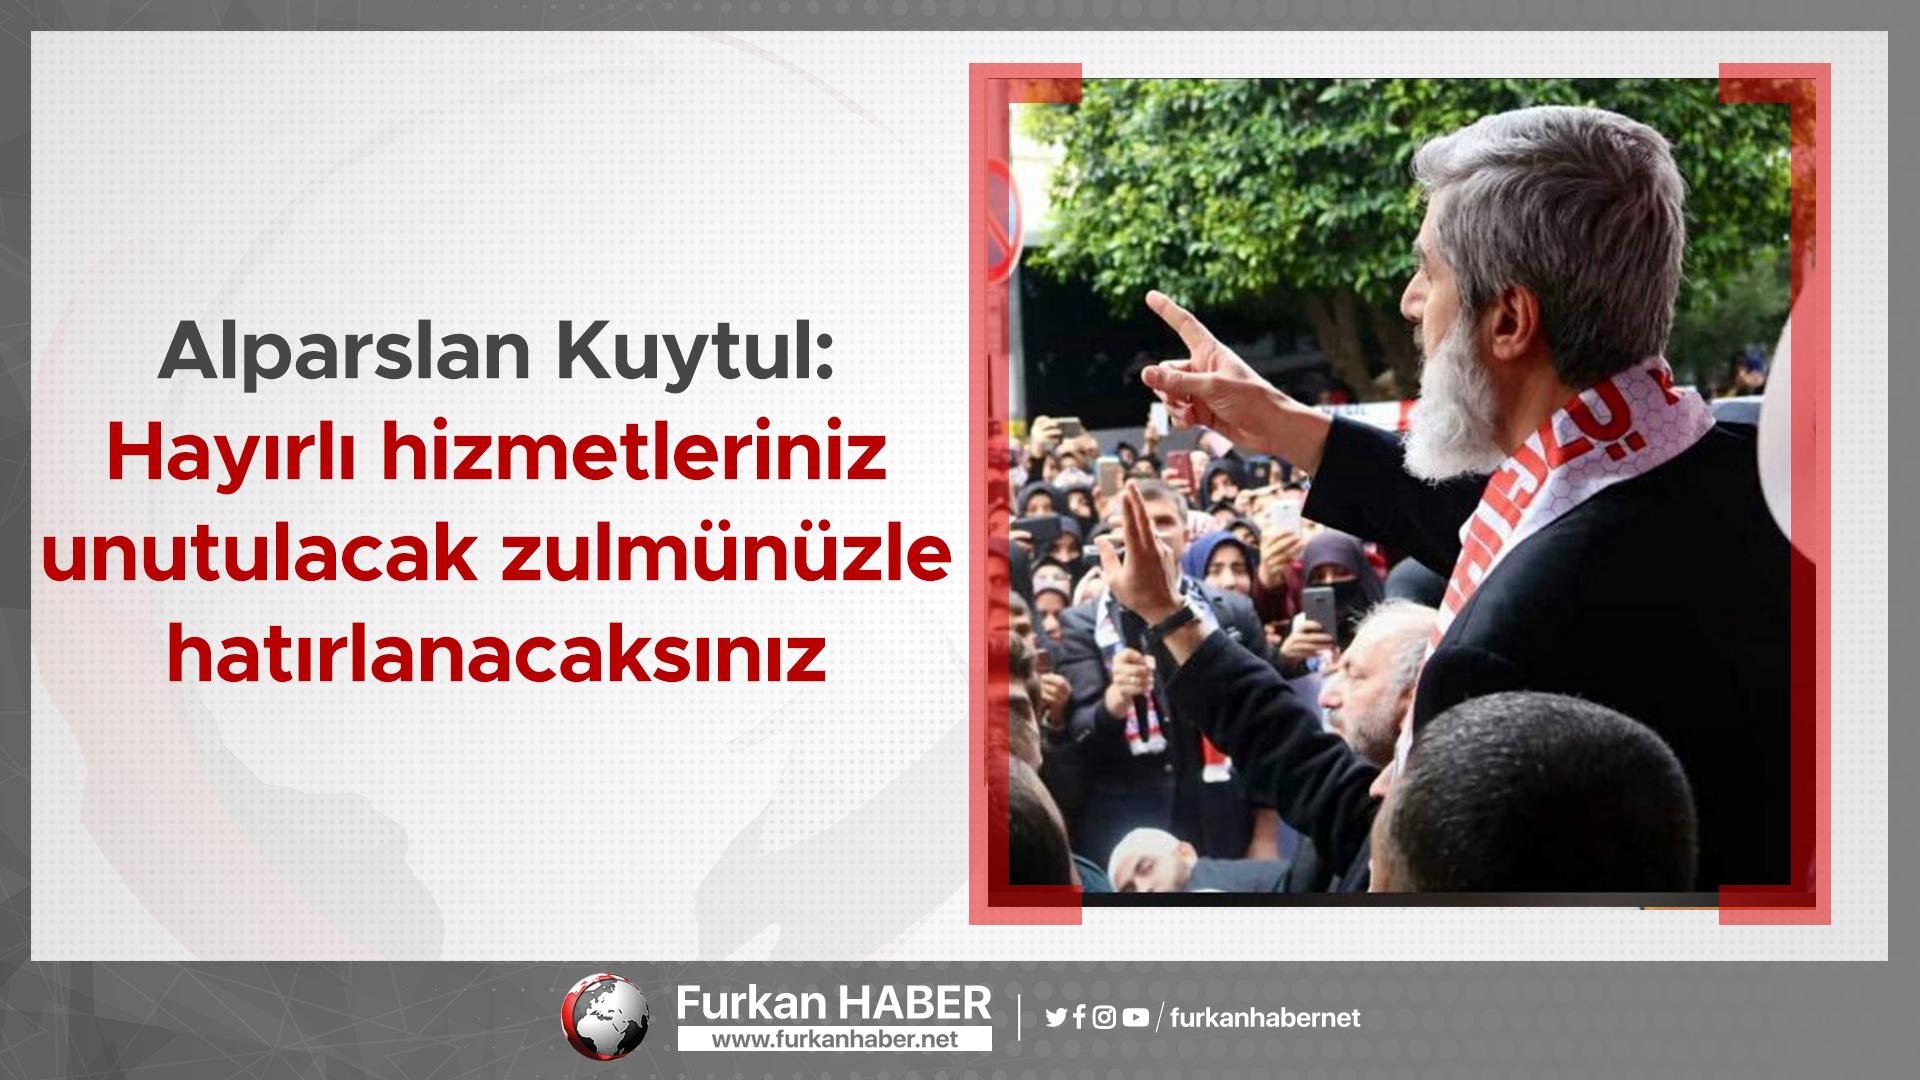 Alparslan Kuytul: Hayırlı hizmetleriniz unutulacak zulmünüzle hatırlanacaksınız